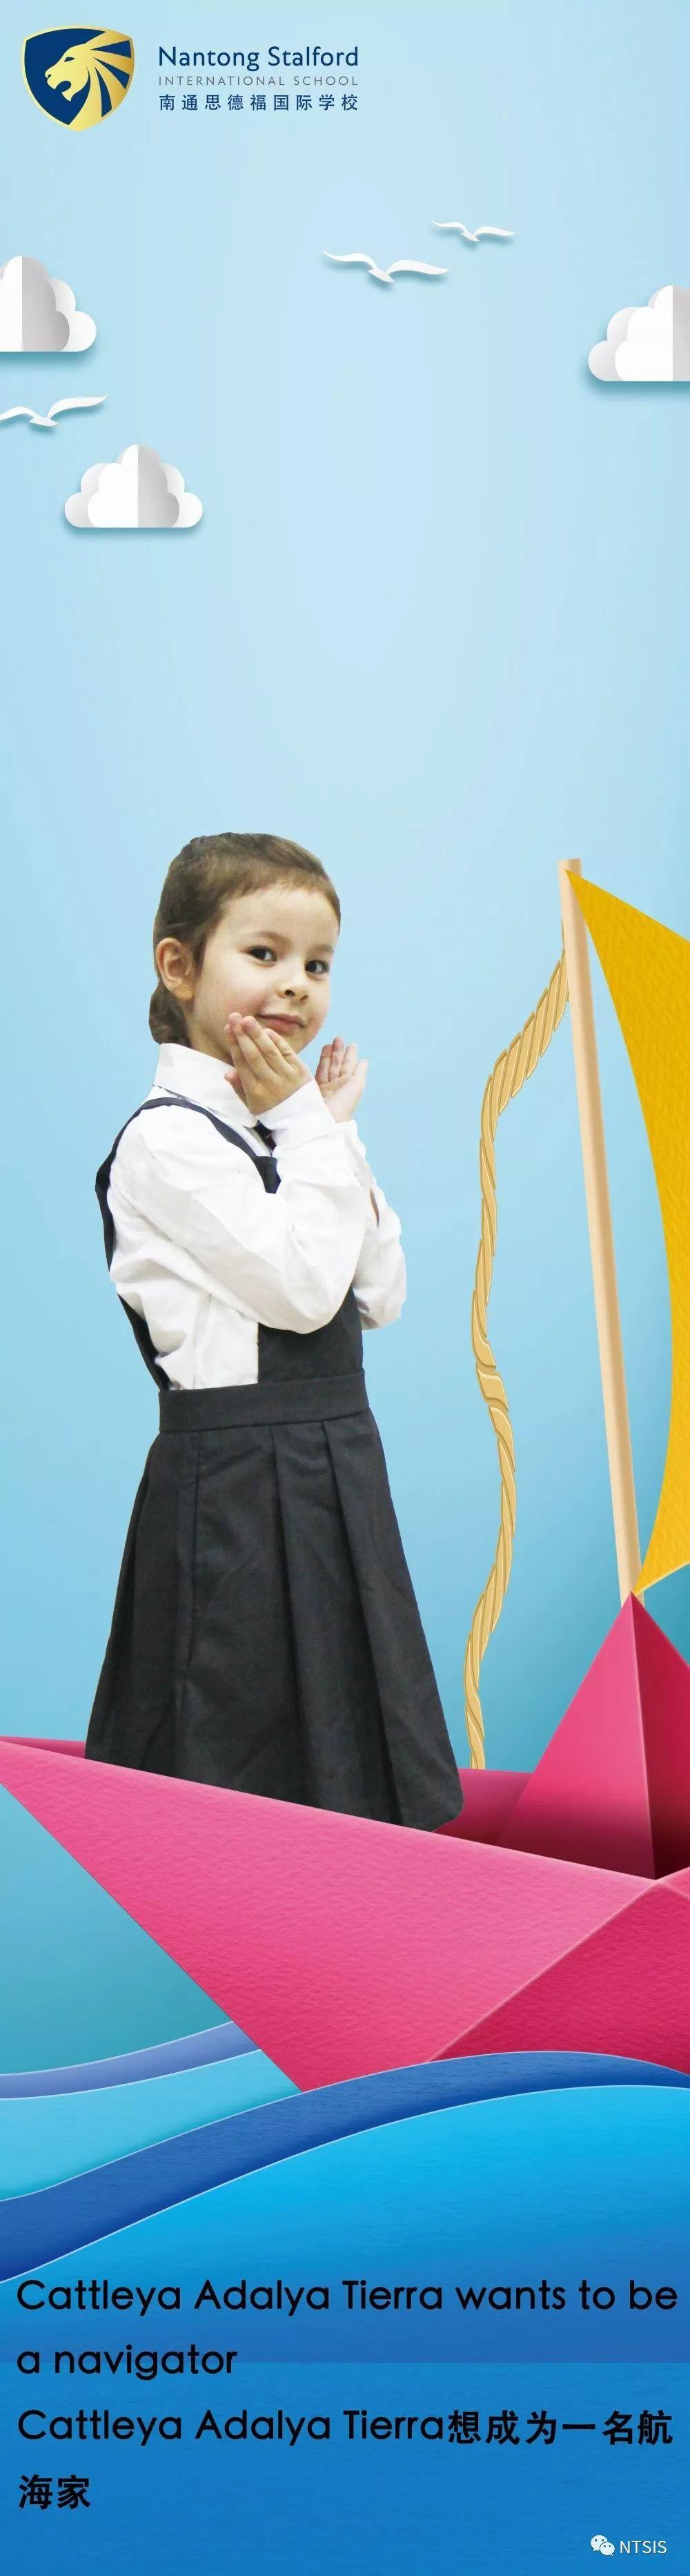 南通思德福国际学校10月27日校园开放日 盛情邀您走进学校感受纯正的国际教育